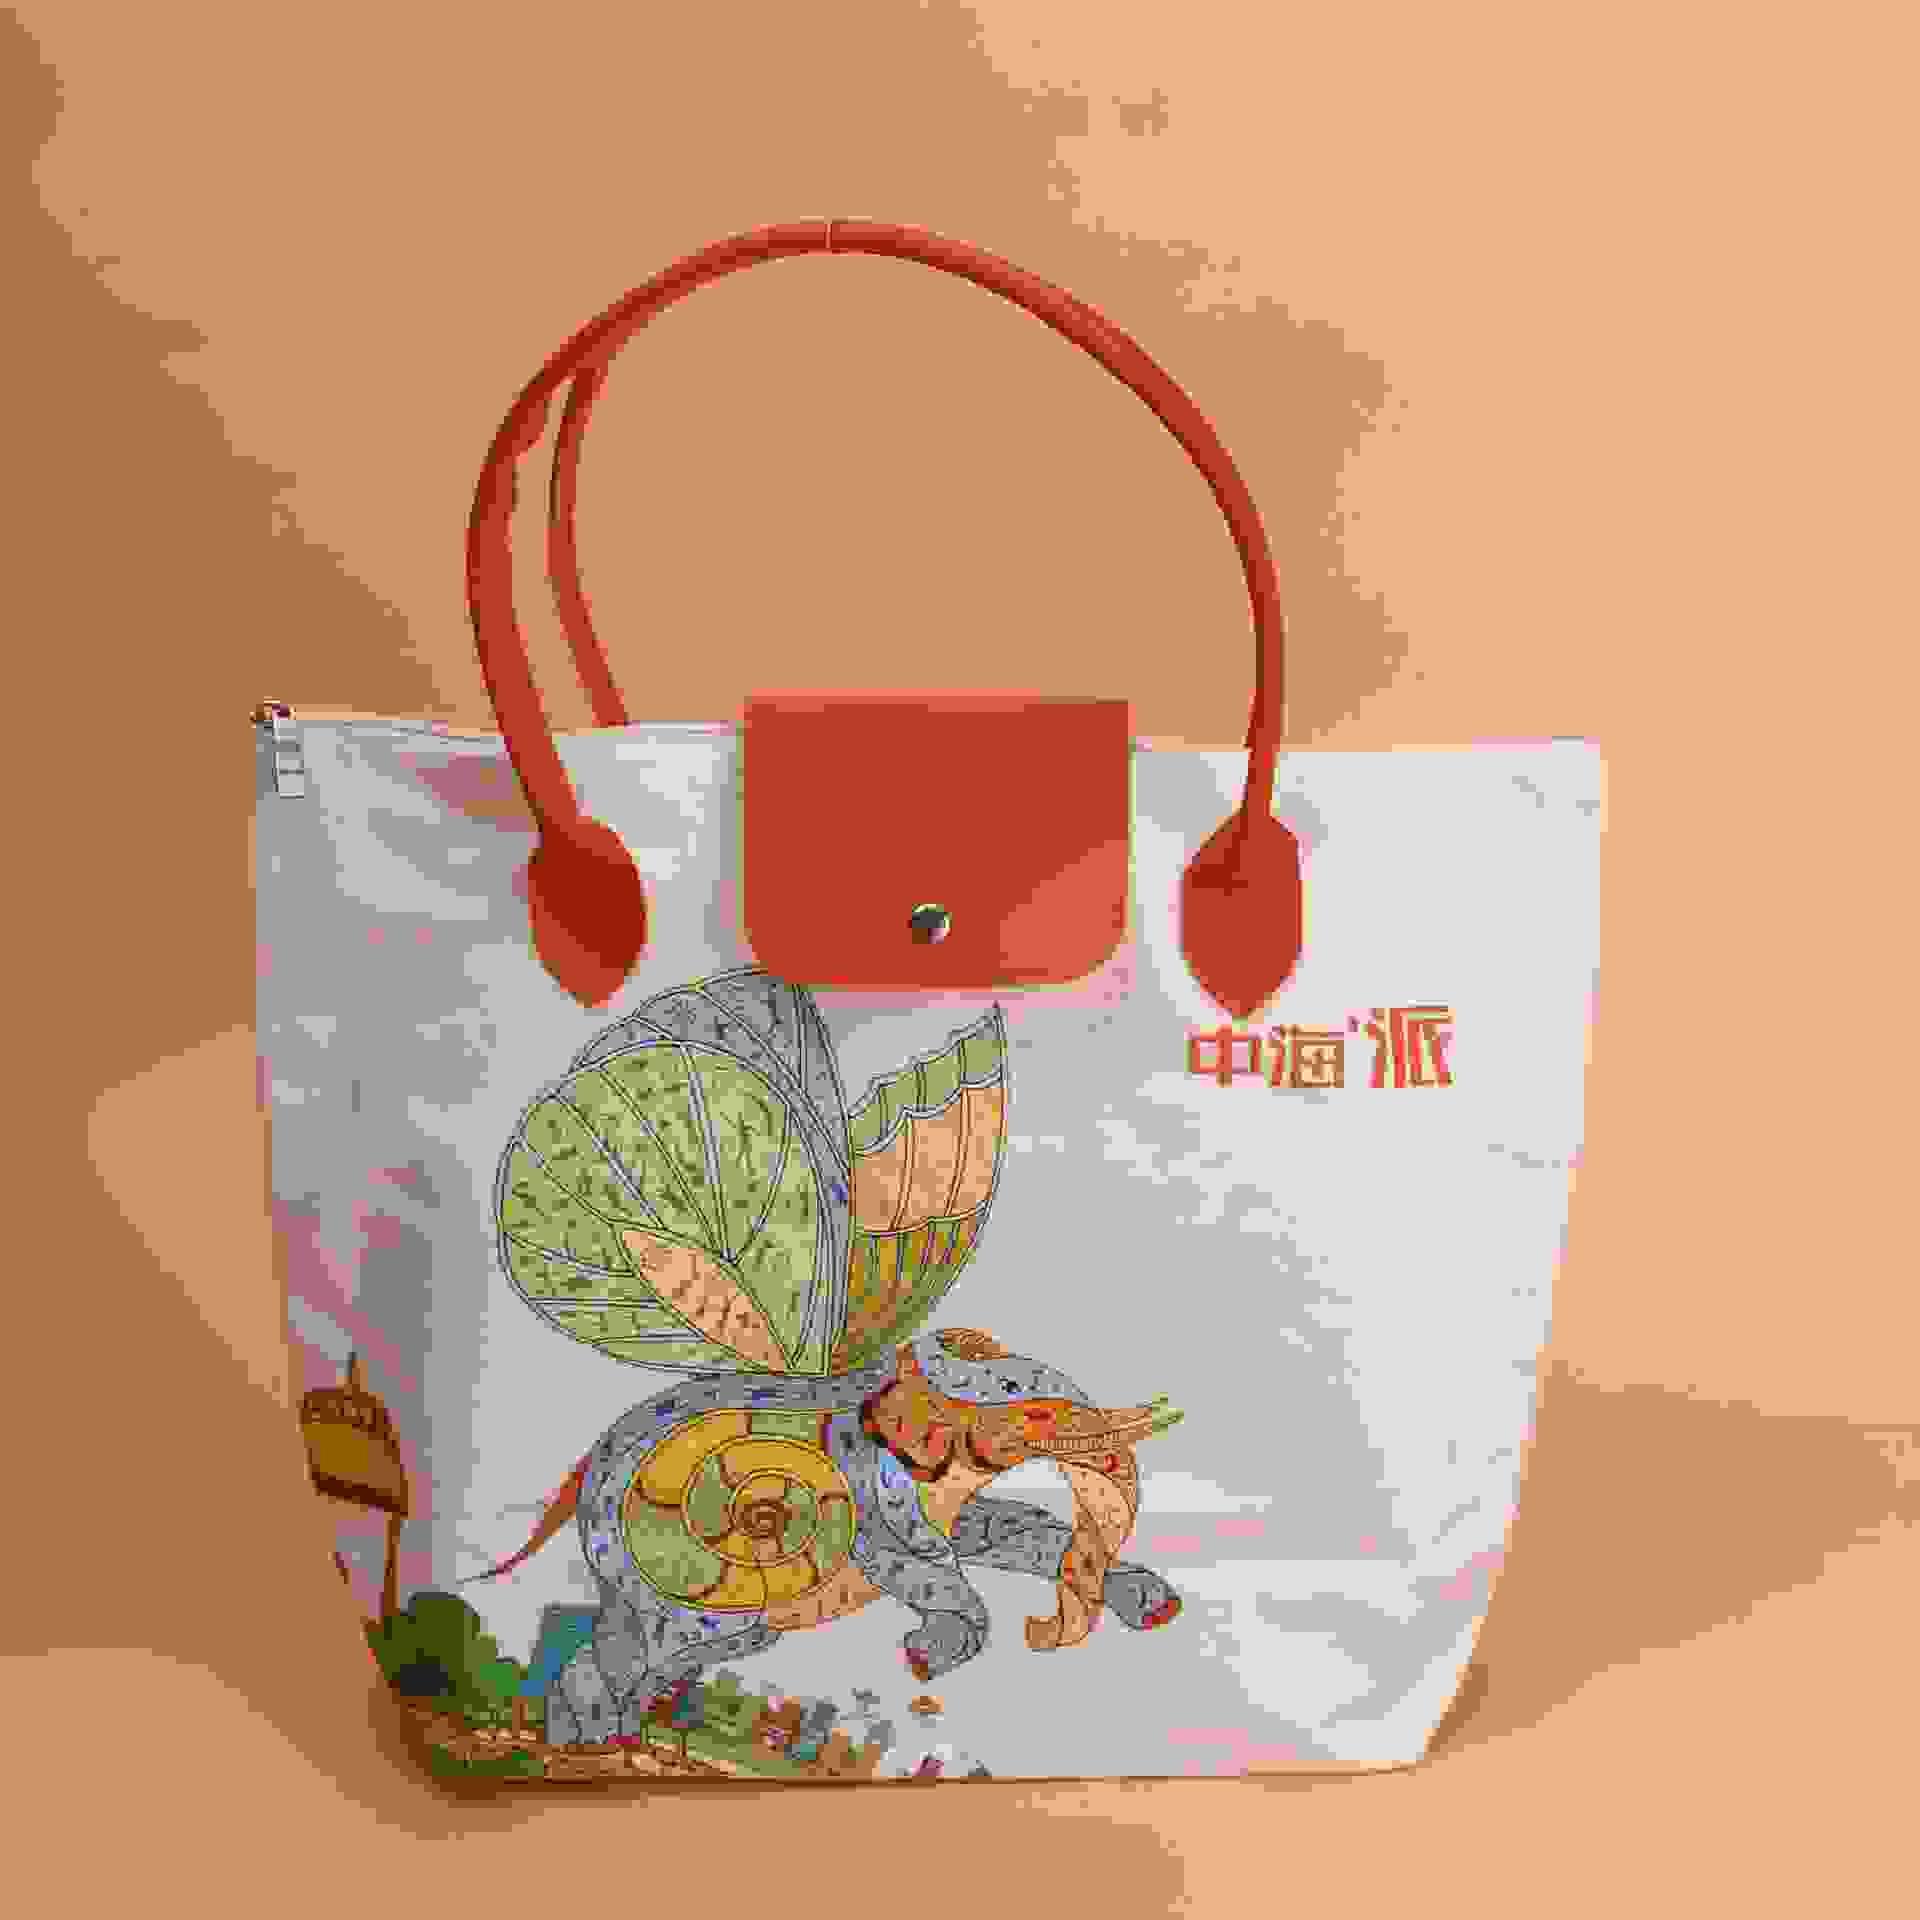 包装 包装设计 购物纸袋 设计 矢量 矢量图 素材 纸袋 1920_1920